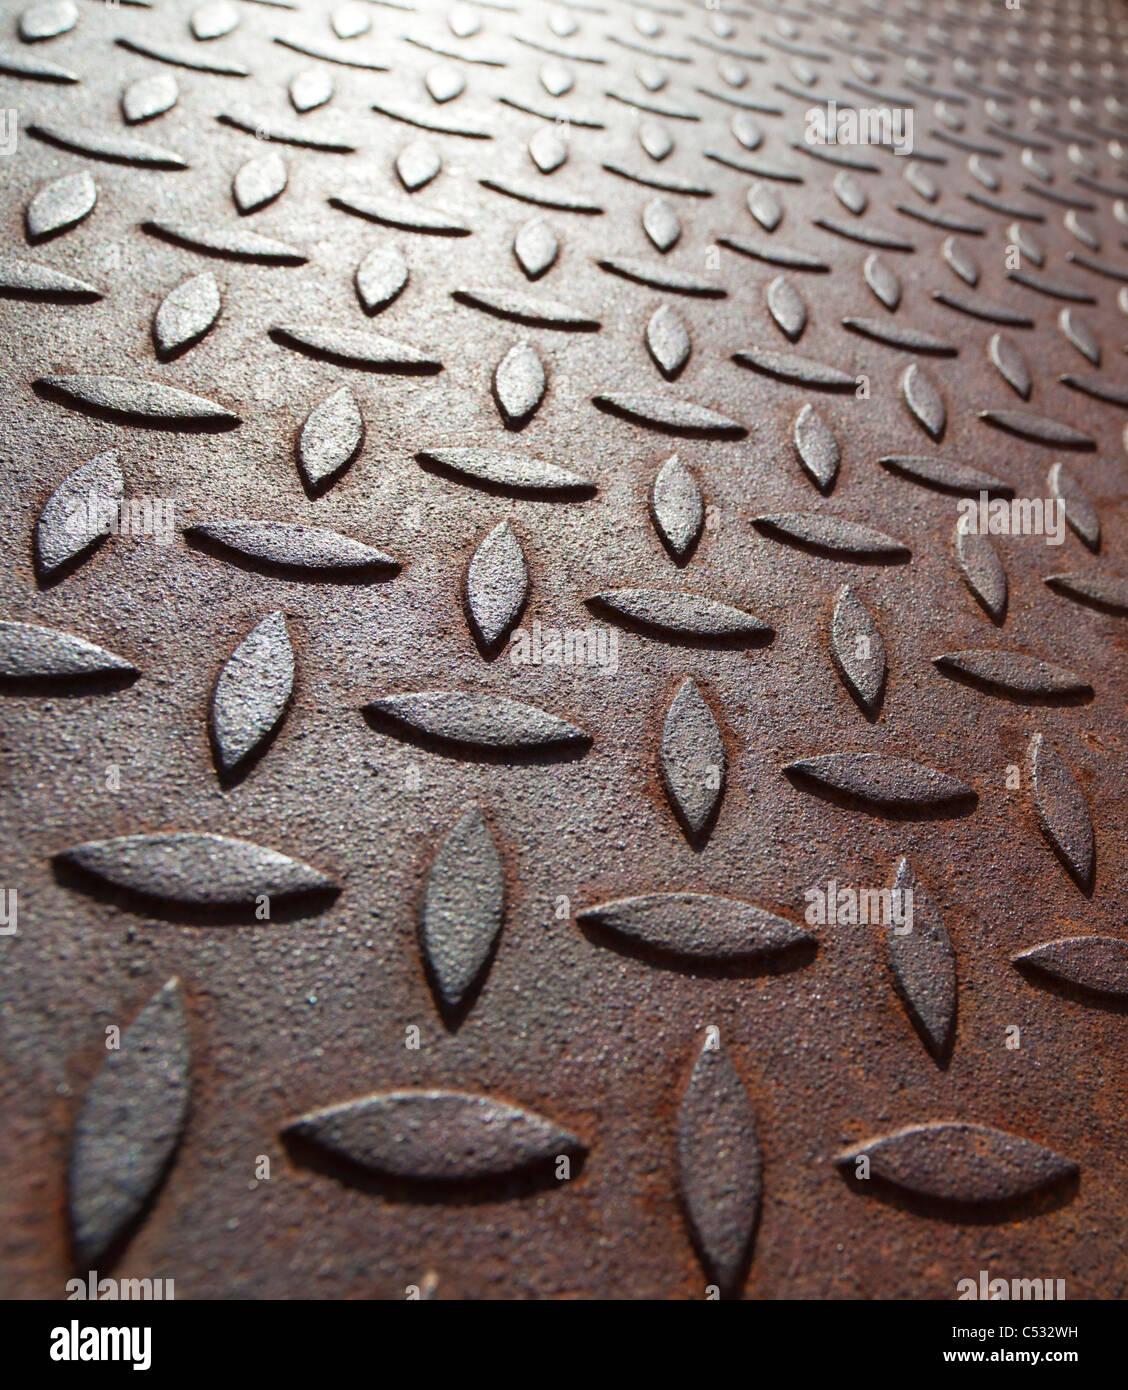 La superficie de una placa de metal oxidado Foto de stock